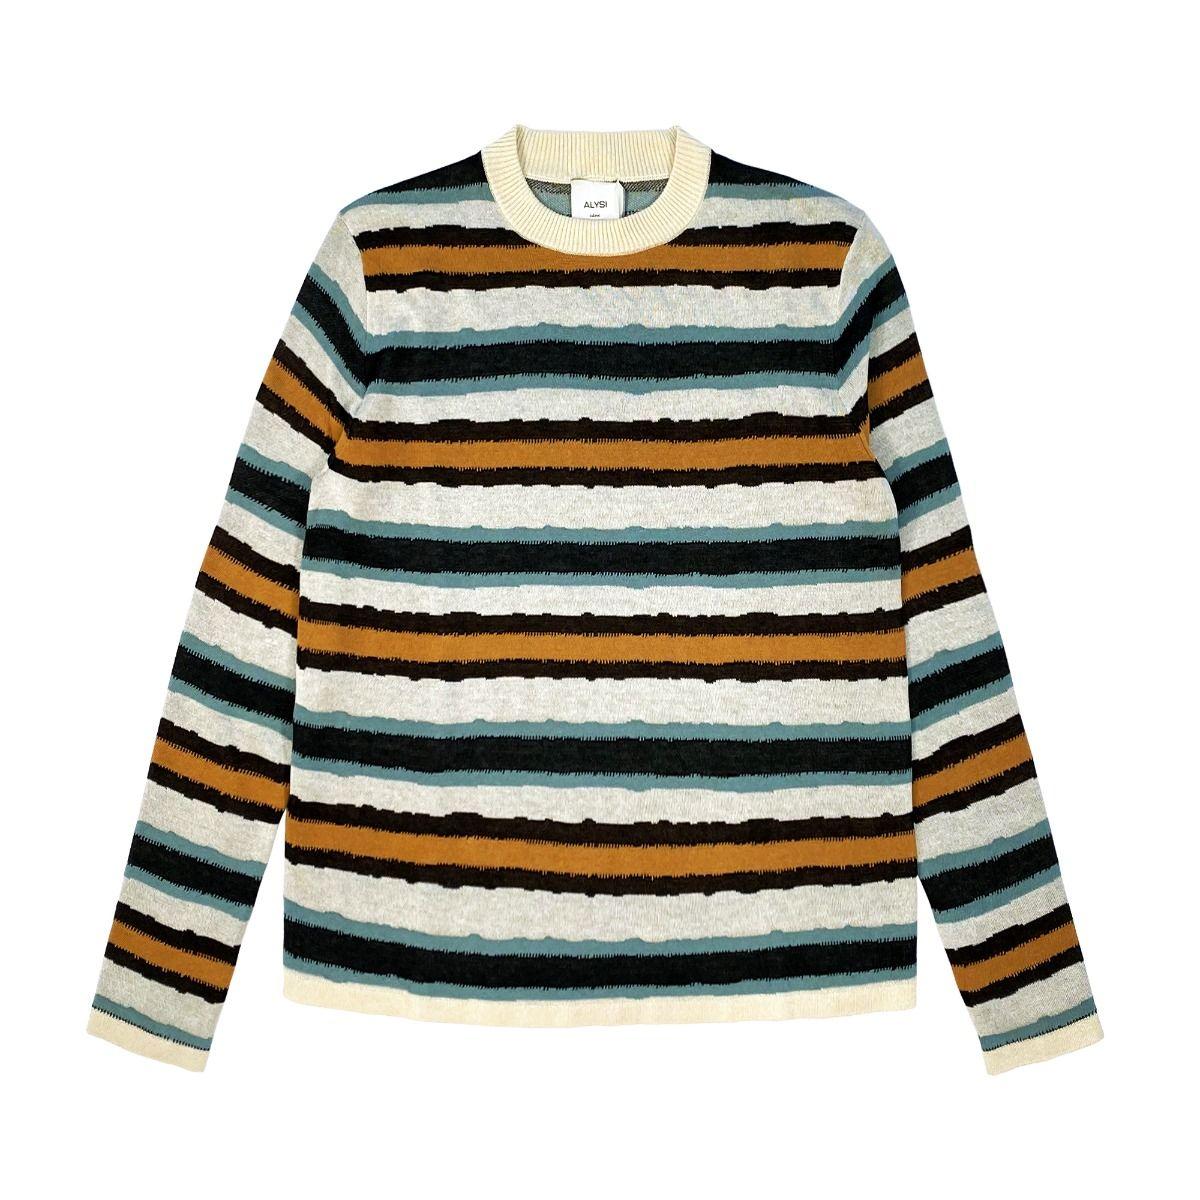 alysi tricot lines jacquard donna maglia 201421